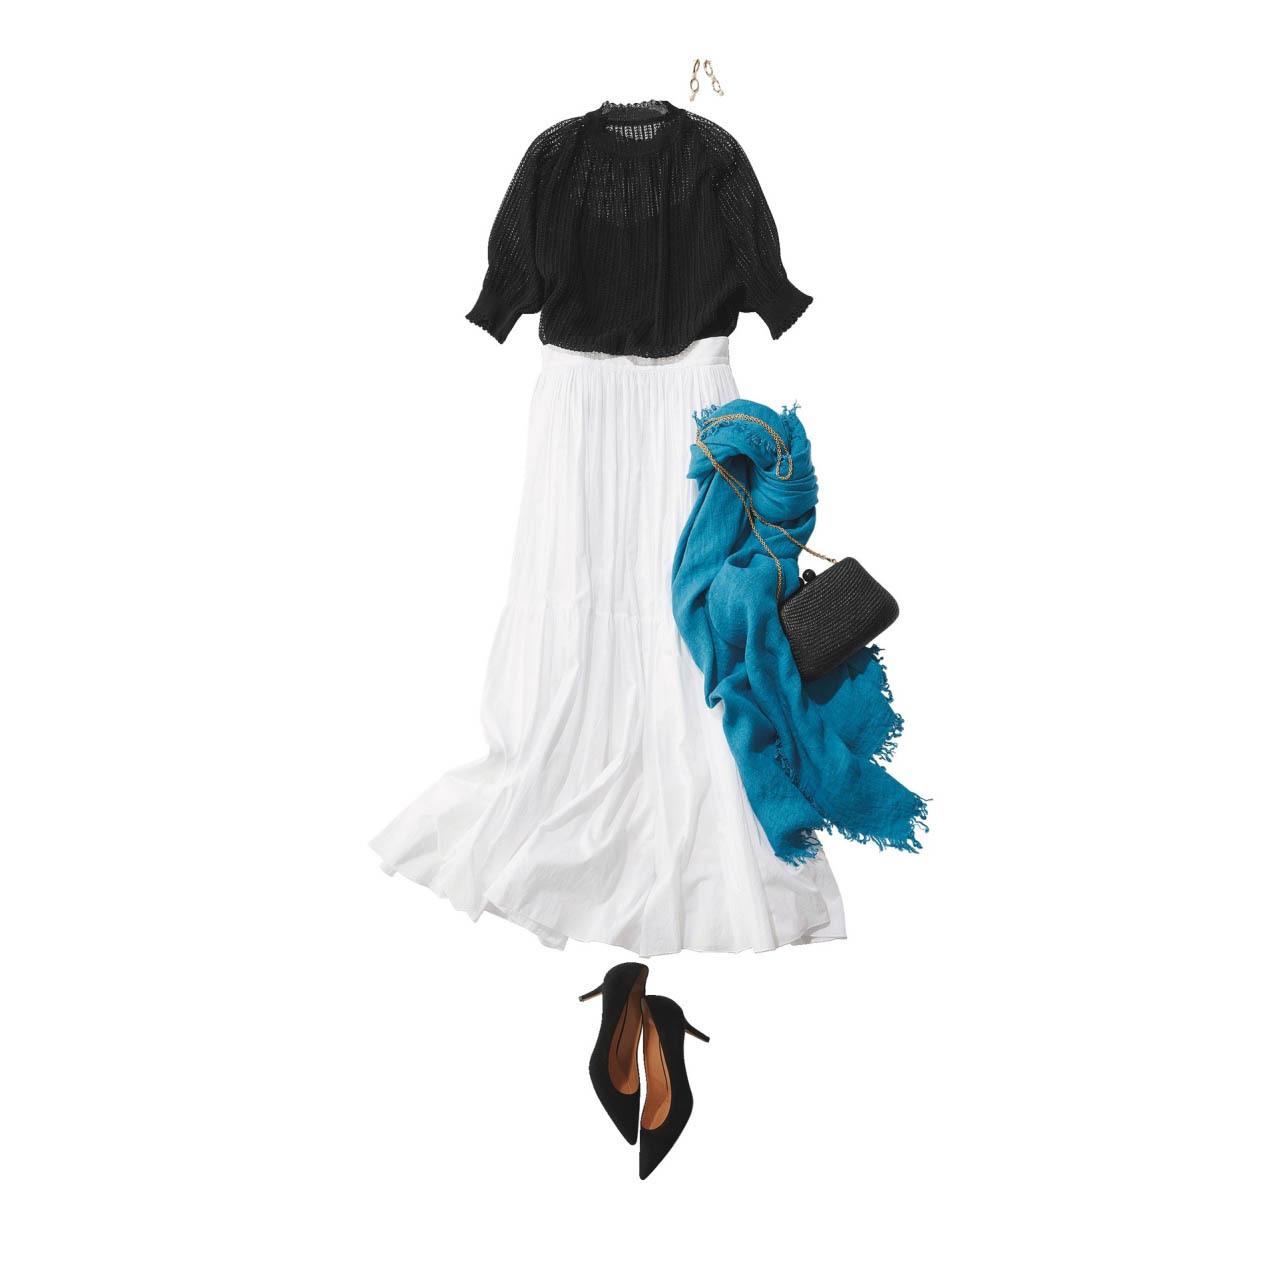 ■透け感のある黒ニット×白ロングスカート×黒パンプスのモノトーンコーデ